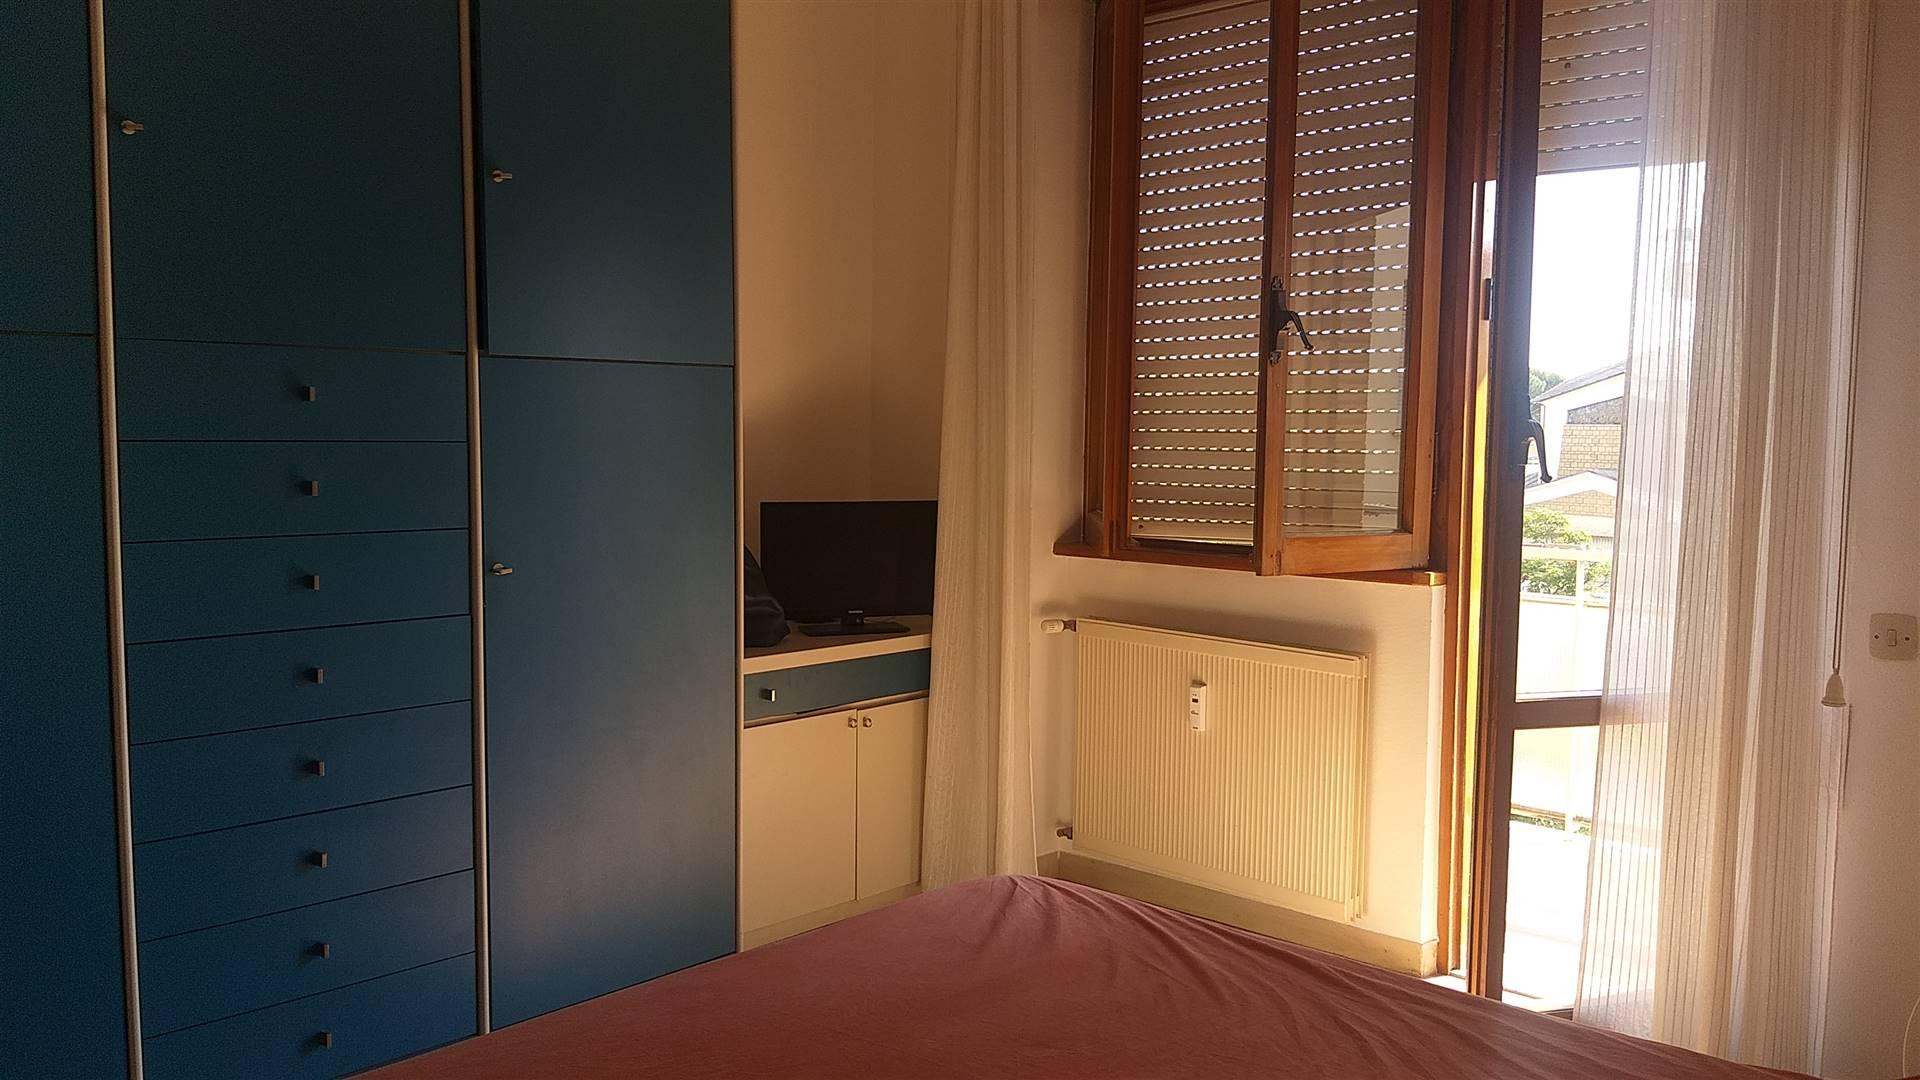 Appartamento Quadrilocale semiarredato collocato in zona semicentrale, nei pressi della Caserma Piave e non lontano dal centro. L'immobile si colloca al primo piano con ascensore di una palazzina di